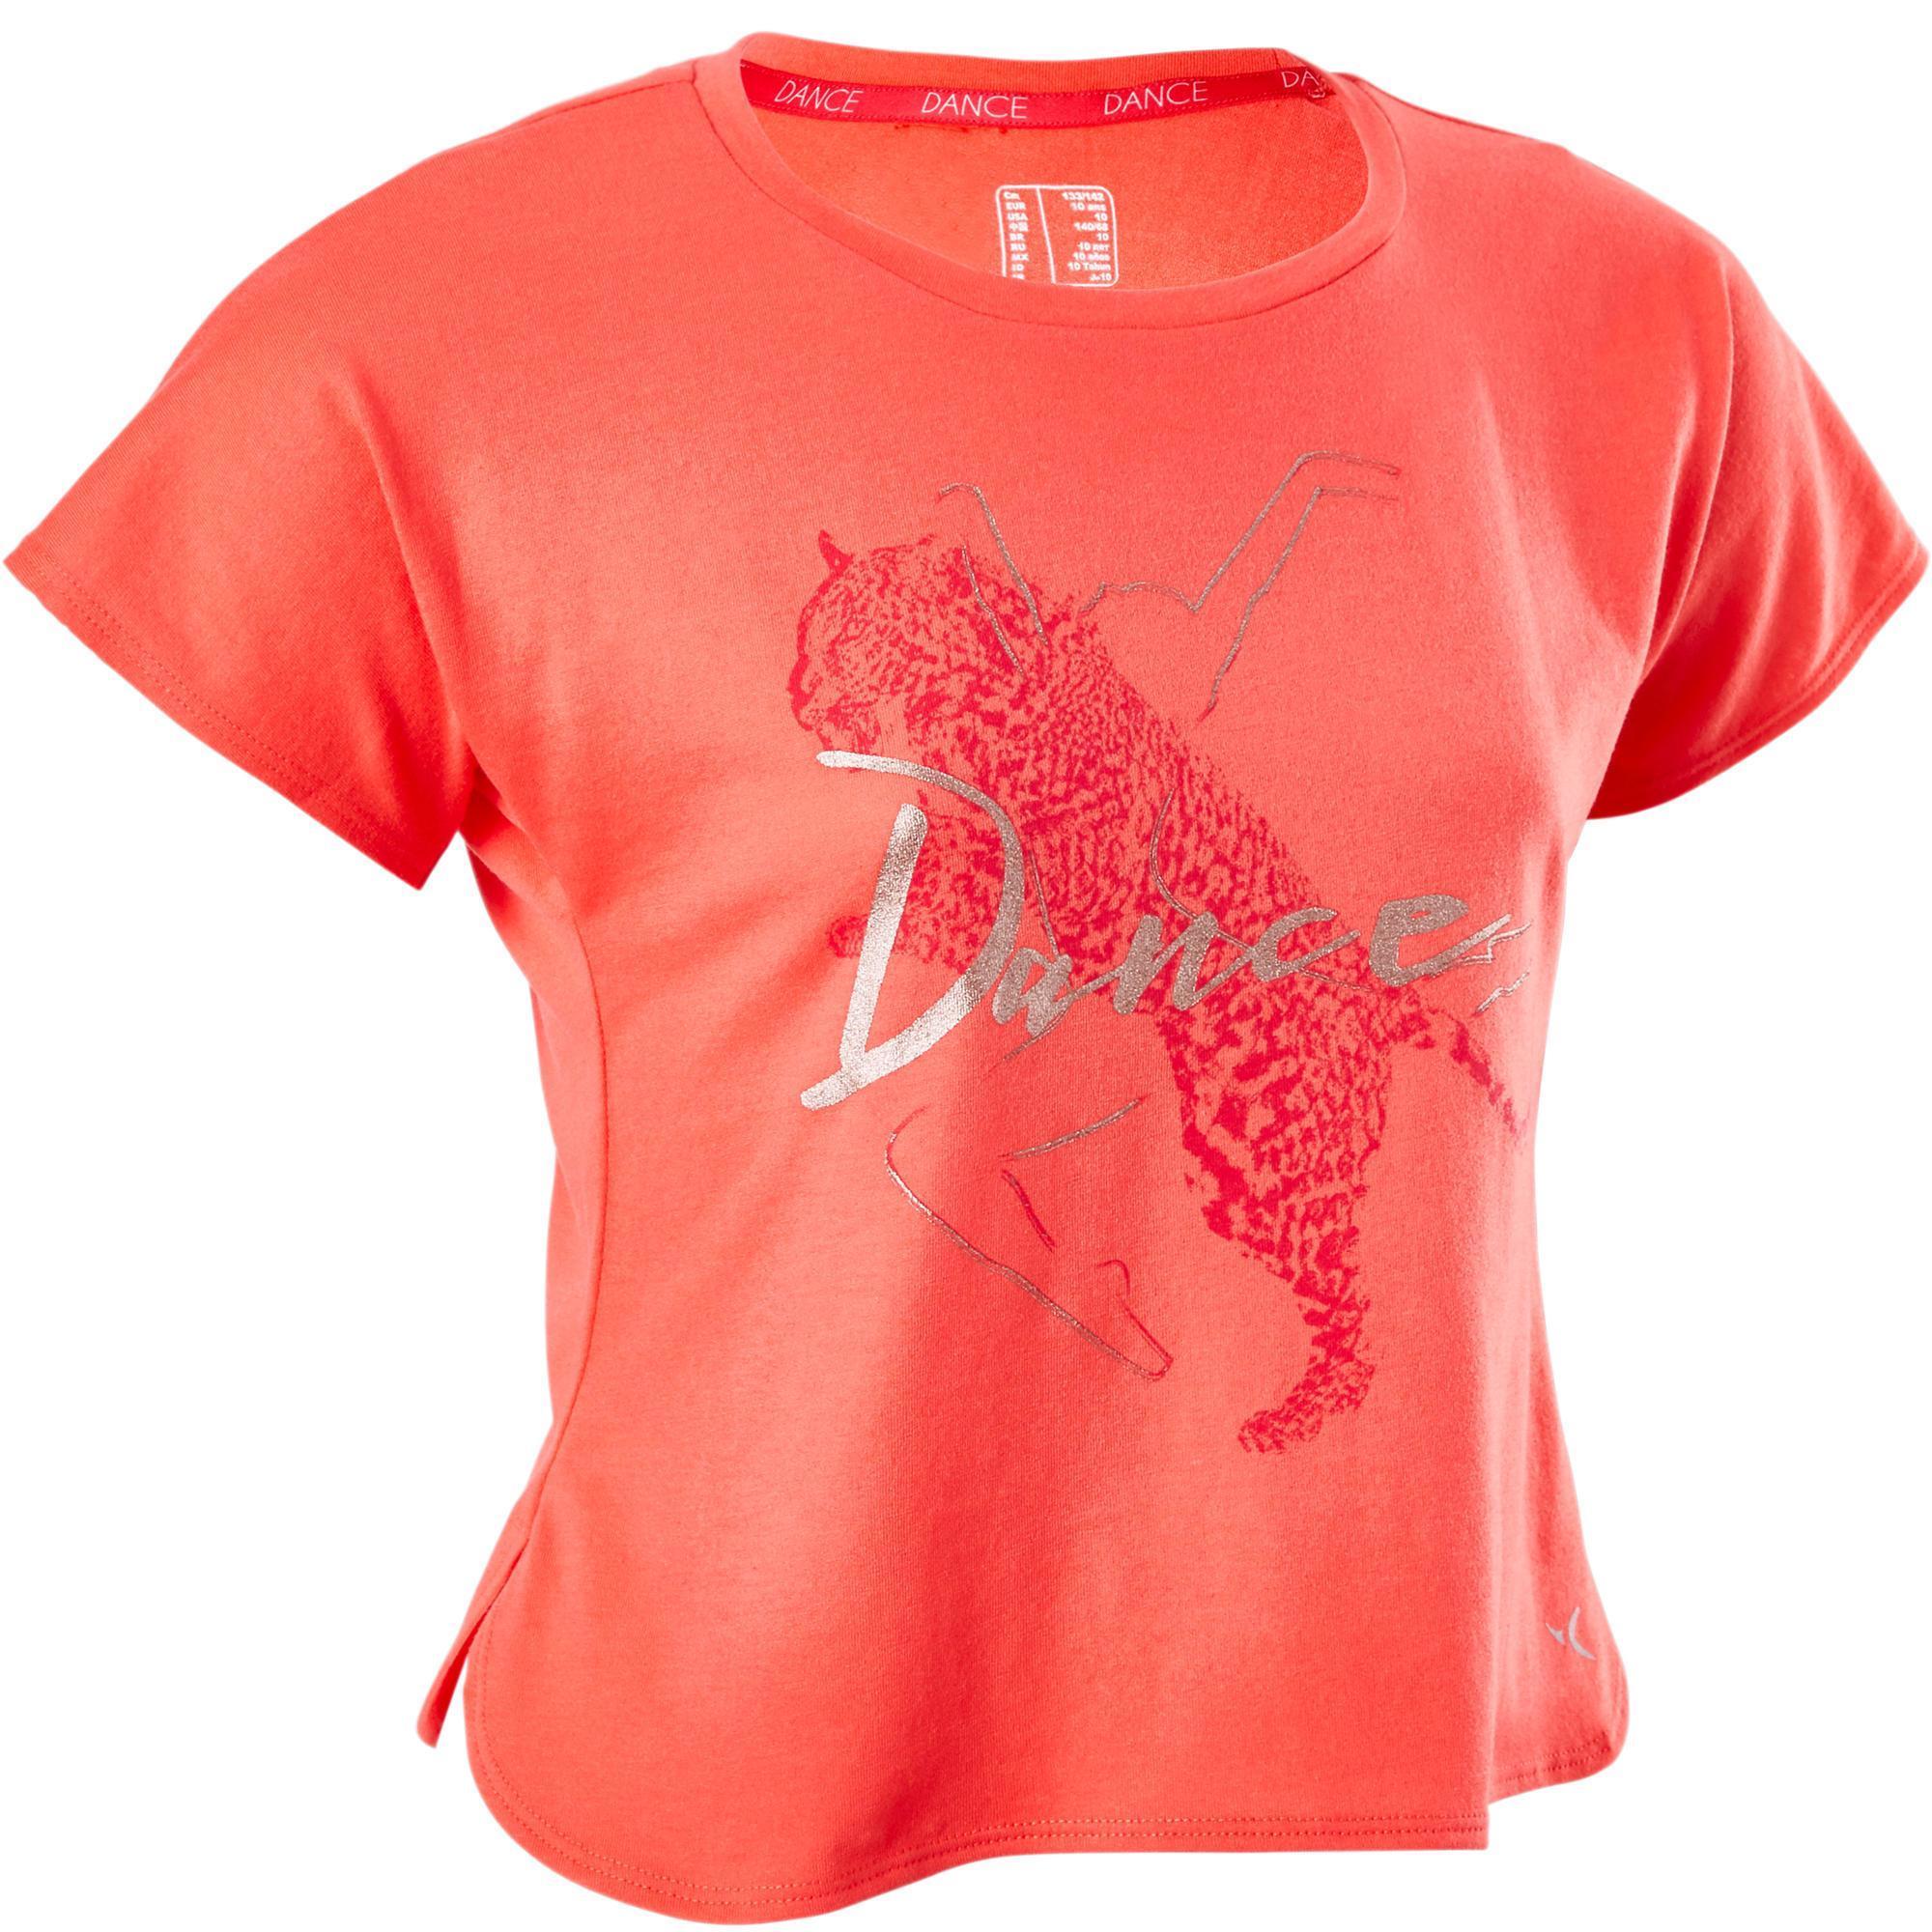 Zoek je Domyos Sportkleding kinderen Bovenkleding kinderen Meisjes? Domyos Meisjes T-shirt voor moderne dans roze ROZE maat  6 J. – L. 116 het voordeligst hier